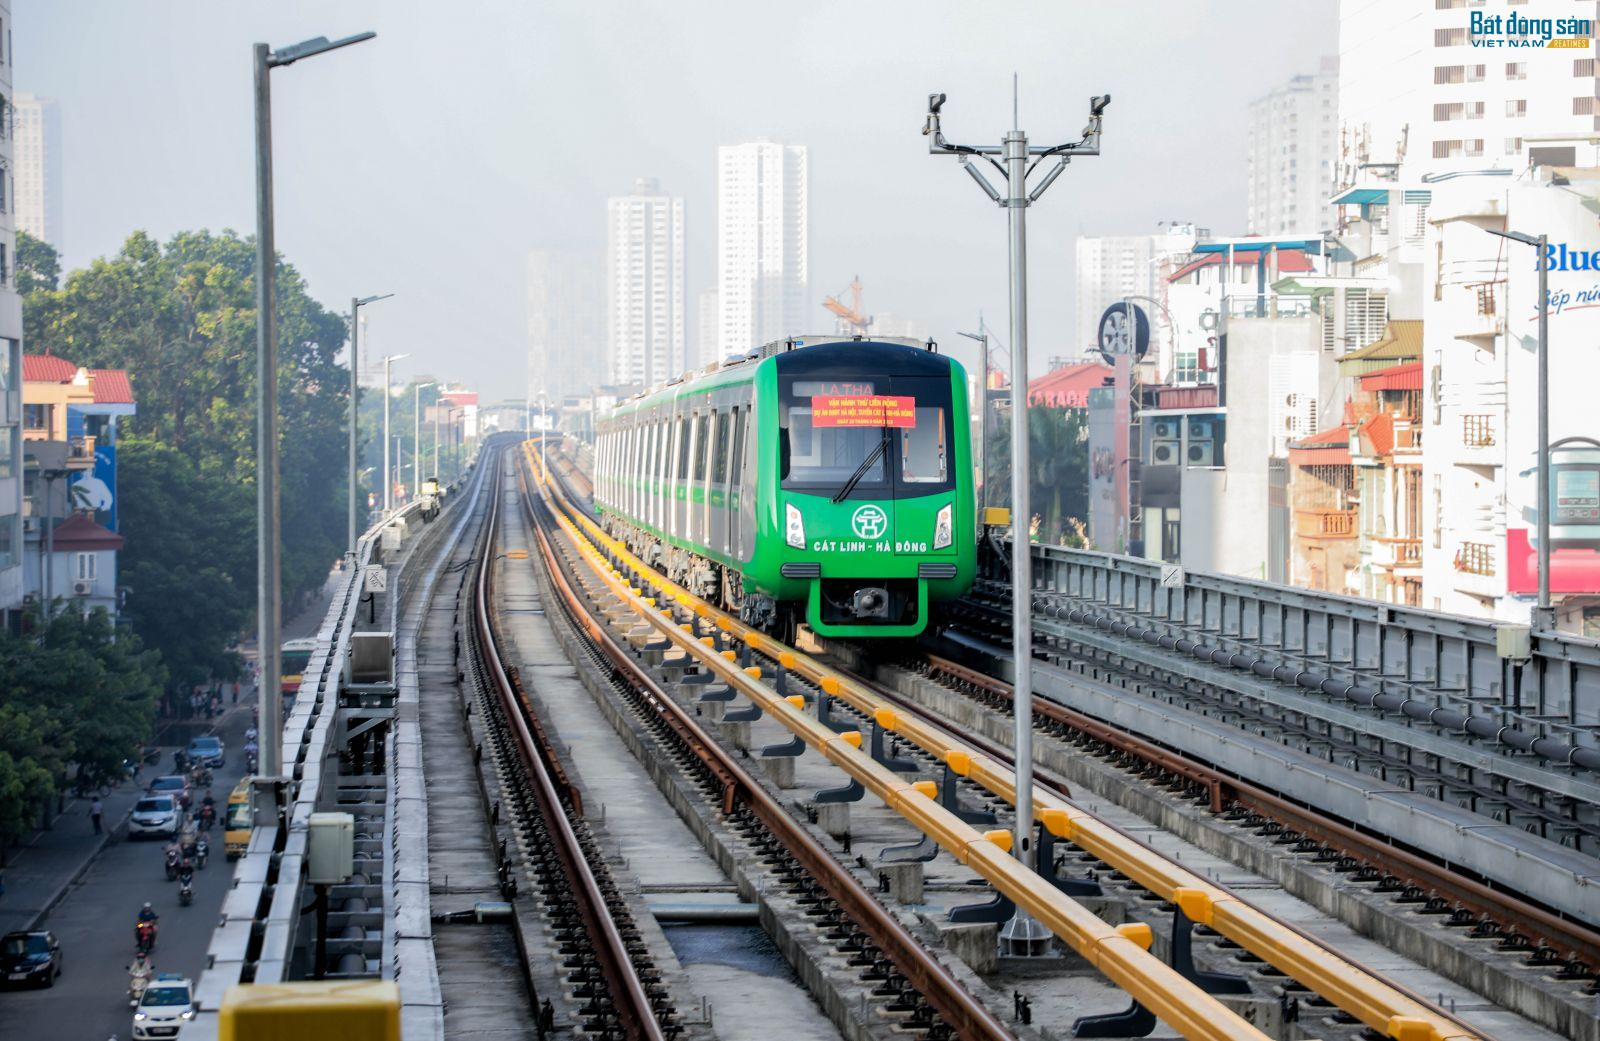 năm đoàn tàu của tuyến đường sắt trên cao Cát Linh - Hà Đông đã tiến hành chạy thử toàn tuyến.